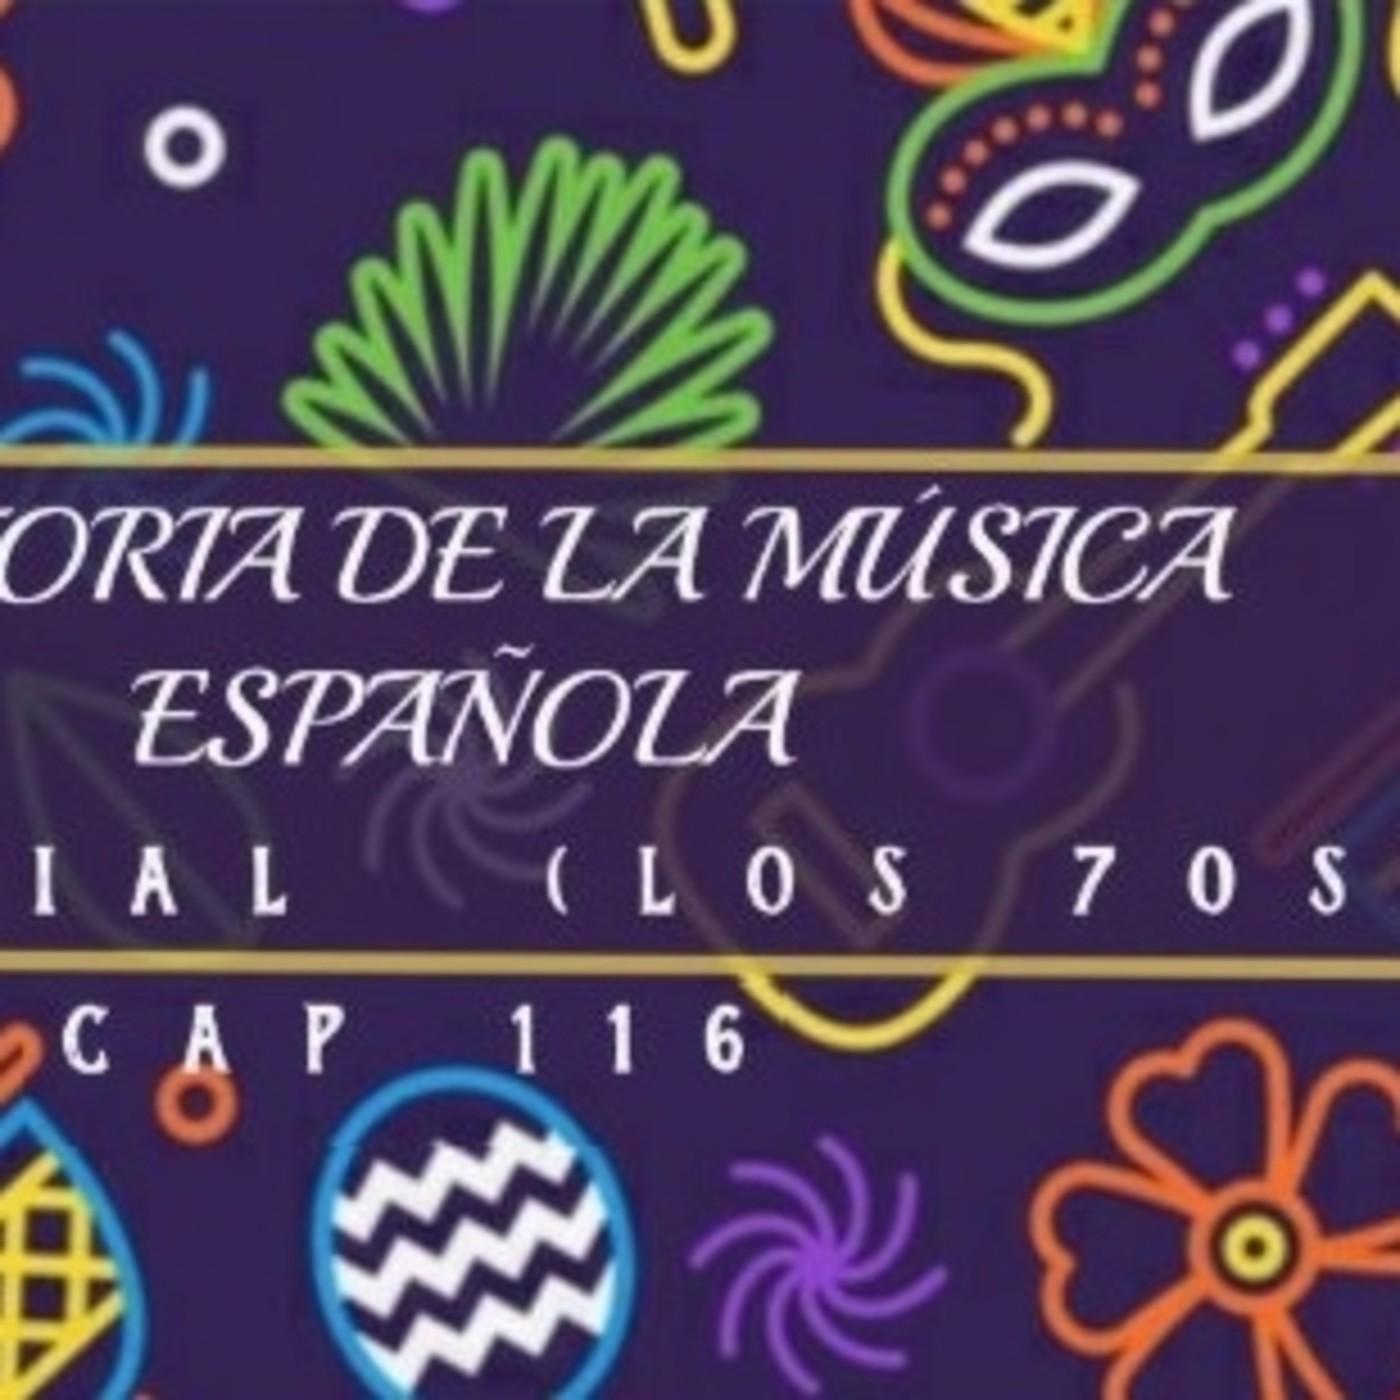 Programa 116 de Historia de la Música Española (Especial 70s)